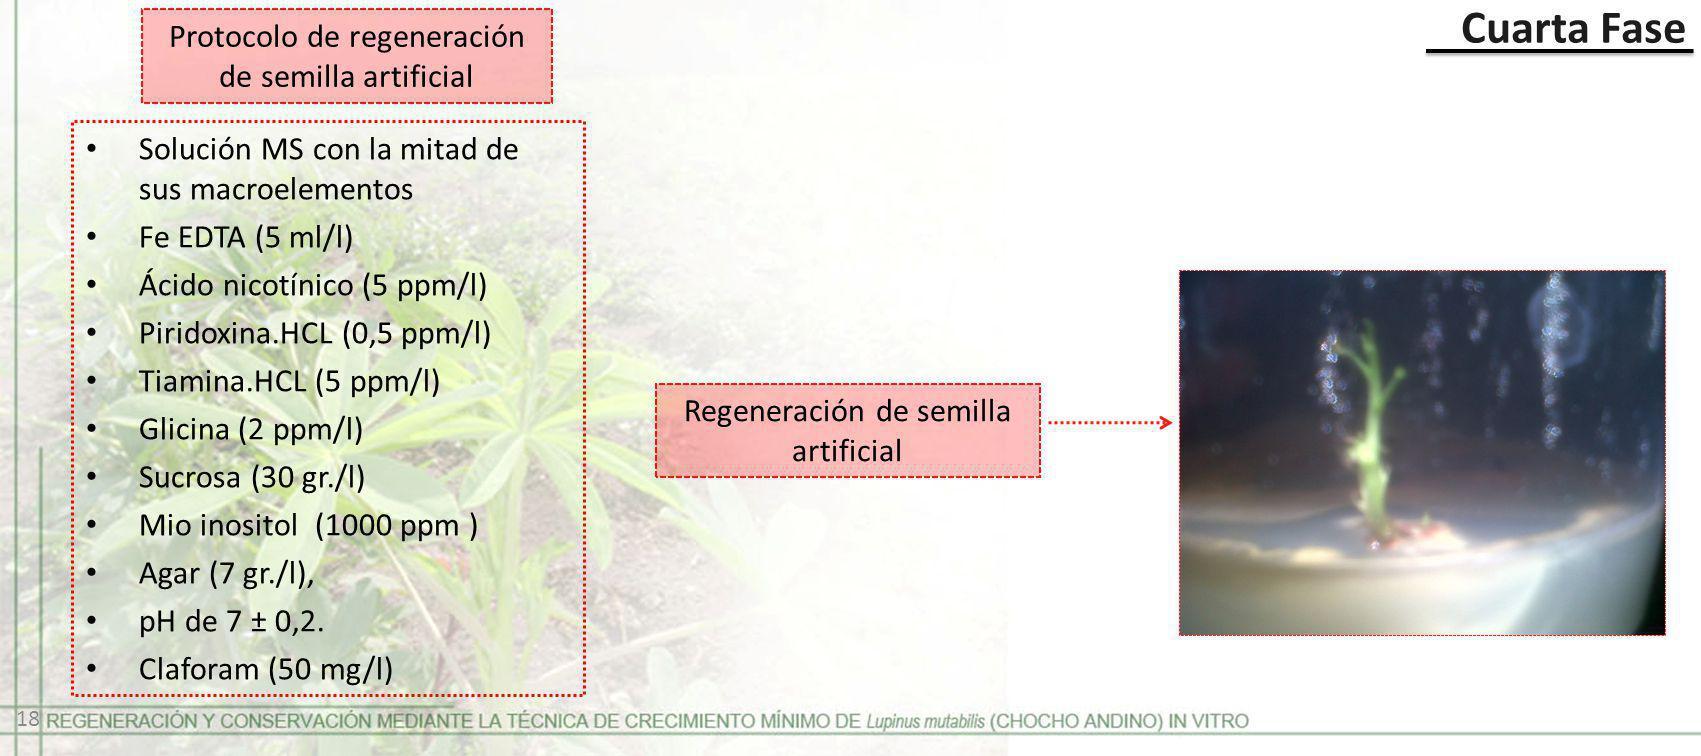 Cuarta Fase Regeneración de semilla artificial Protocolo de regeneración de semilla artificial Solución MS con la mitad de sus macroelementos Fe EDTA